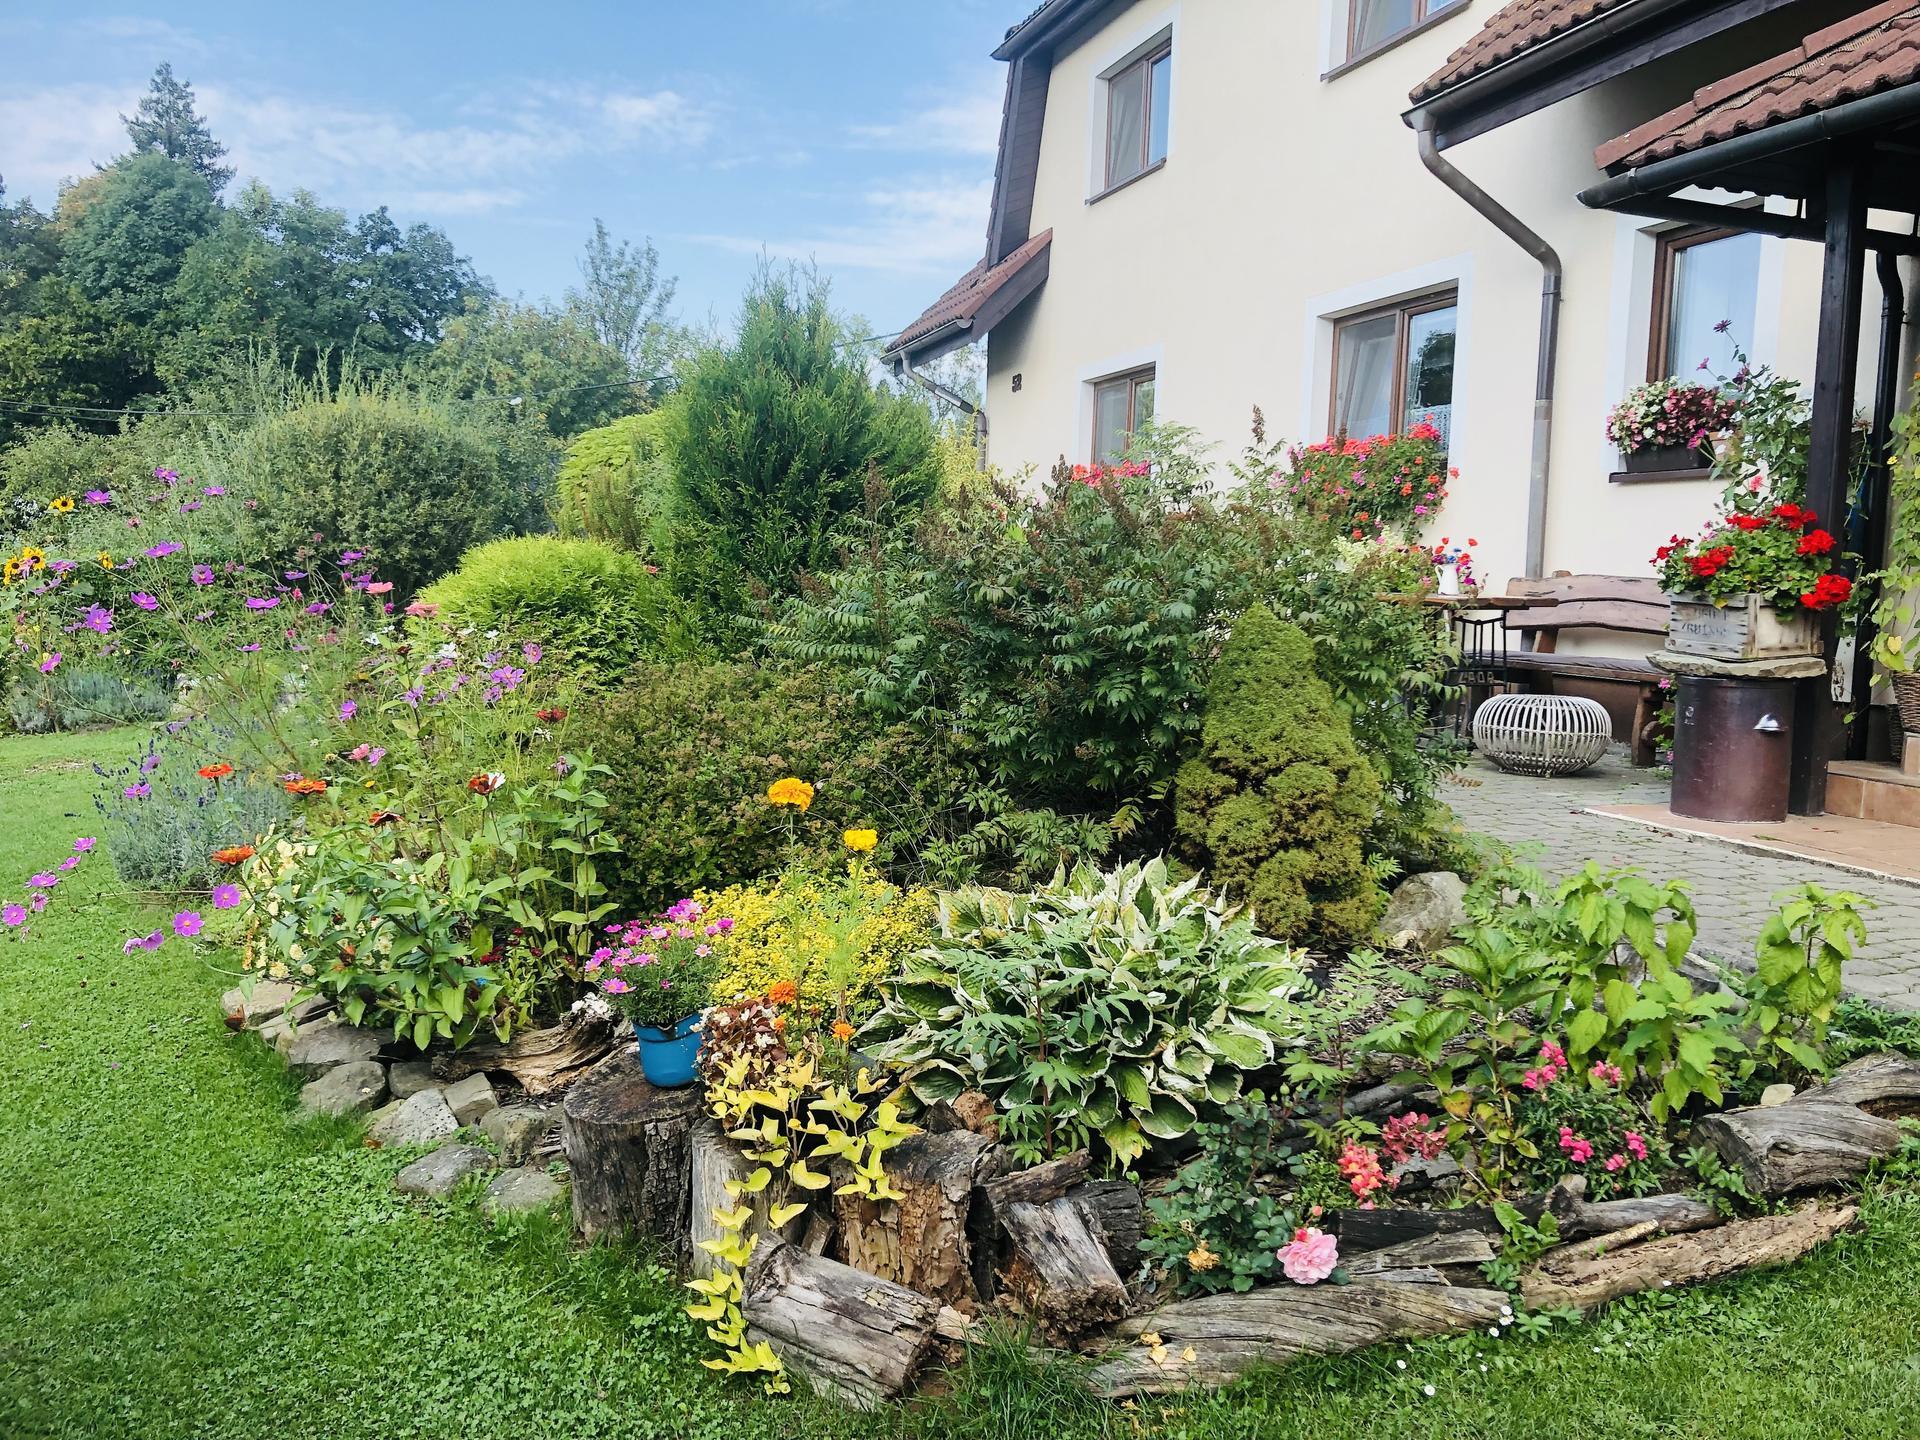 U nás doma a na zahradě 2021 - Obrázek č. 116